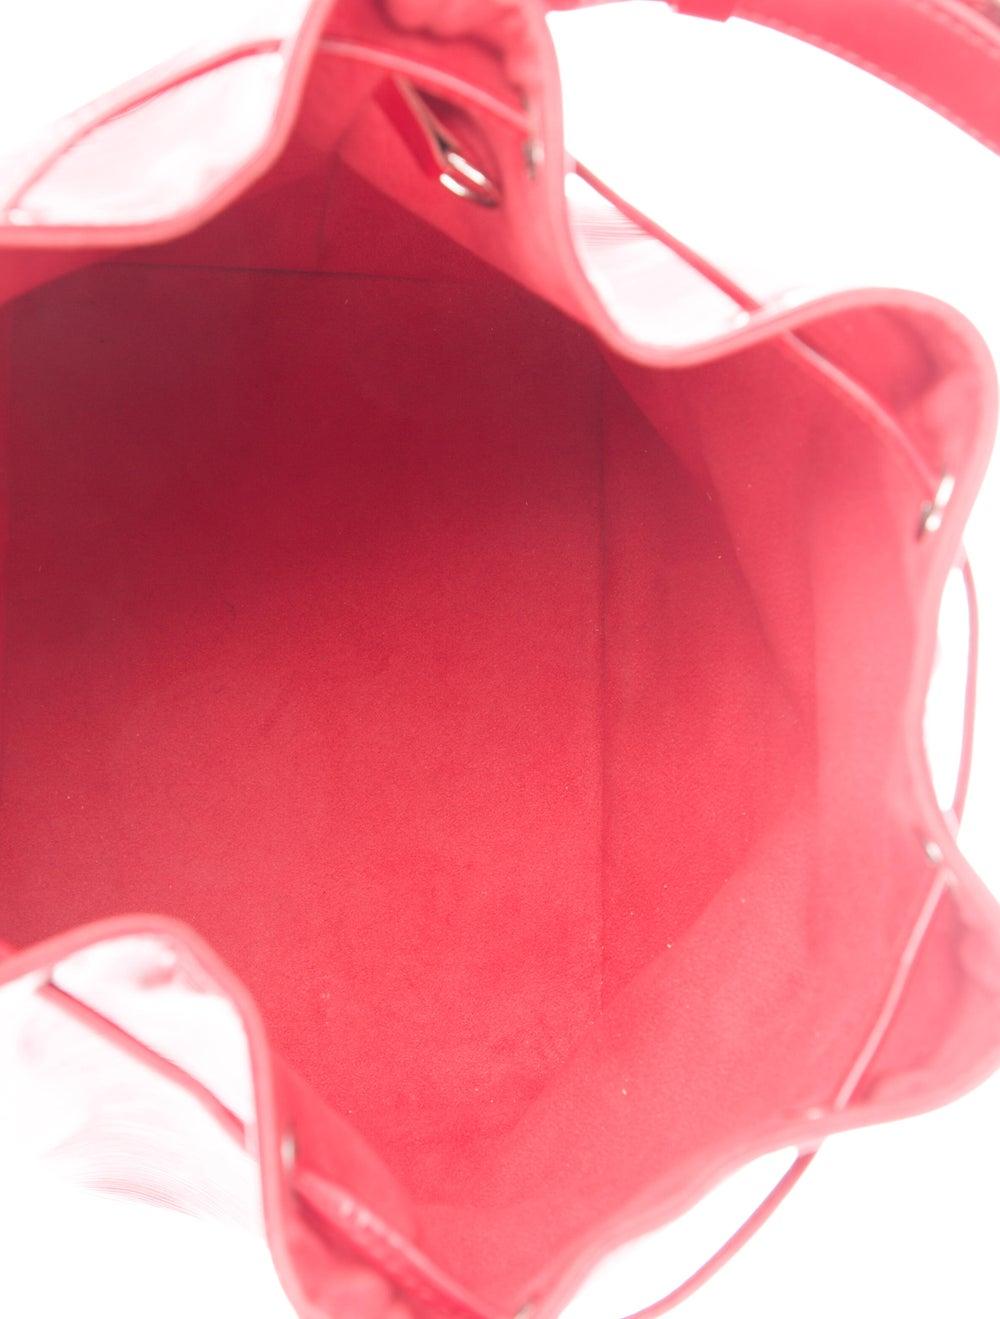 Louis Vuitton Epi Noé Red - image 5